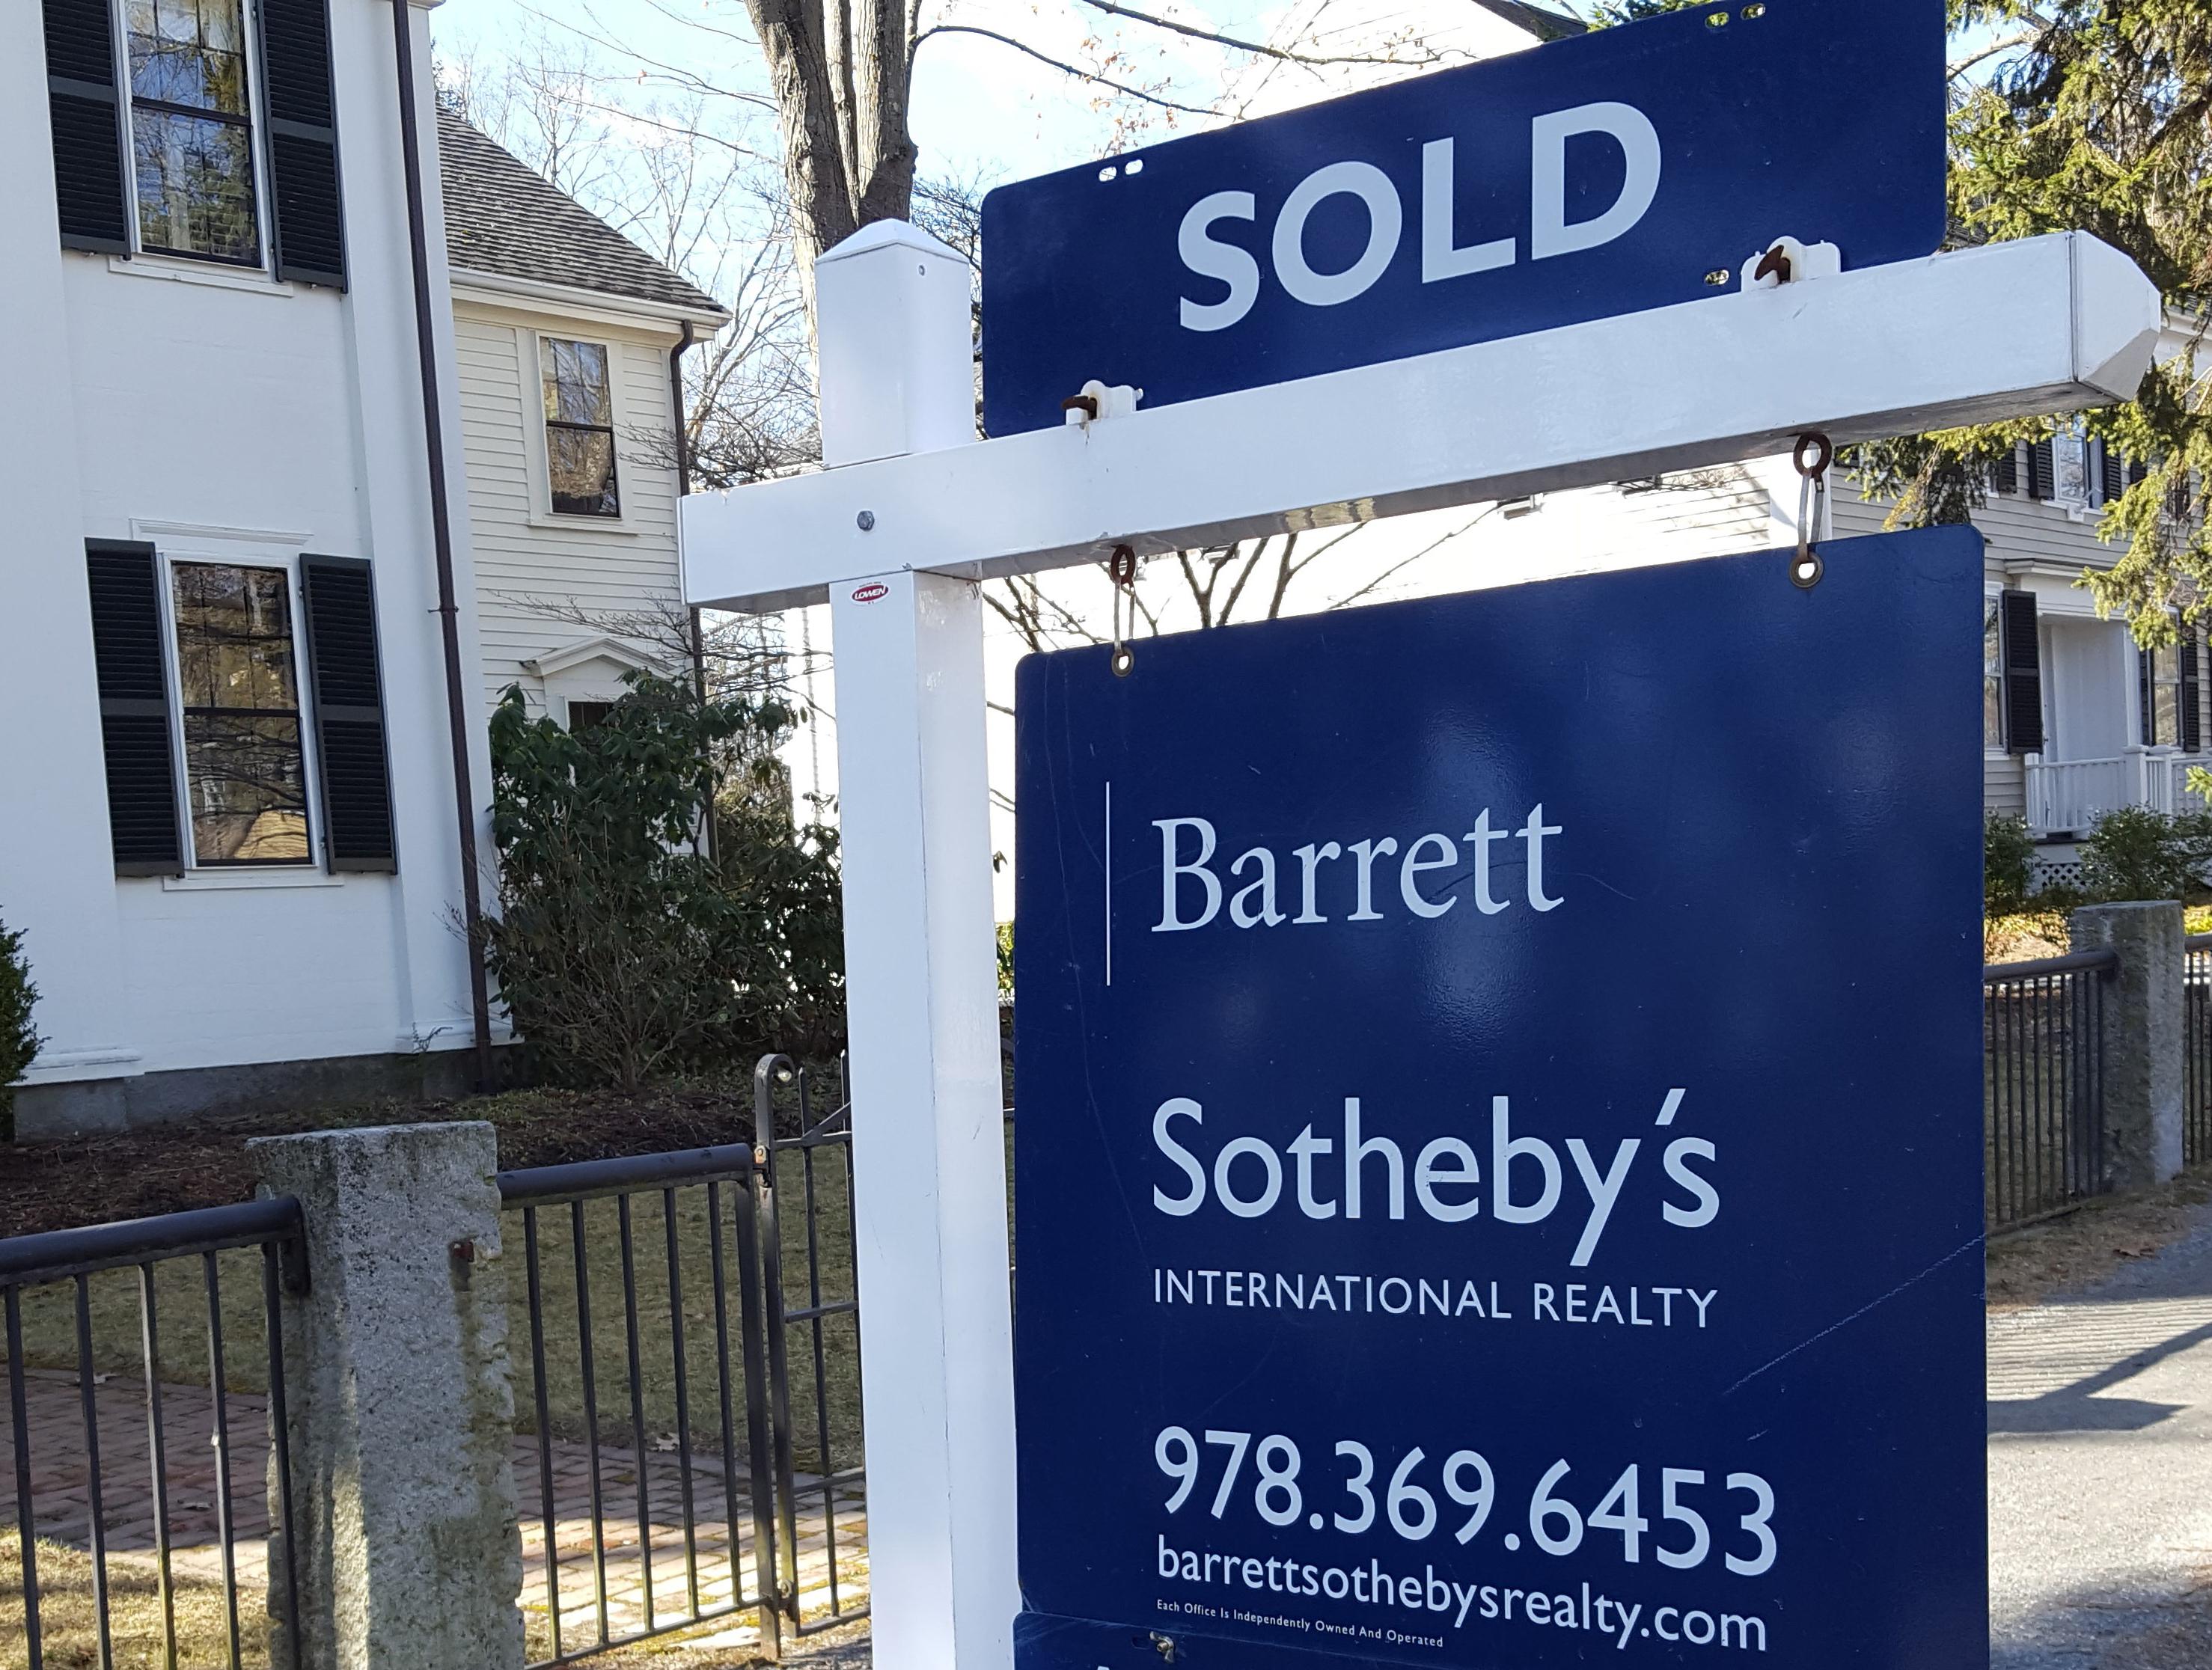 Barrett Sotheby's International Realty: Sold Sign